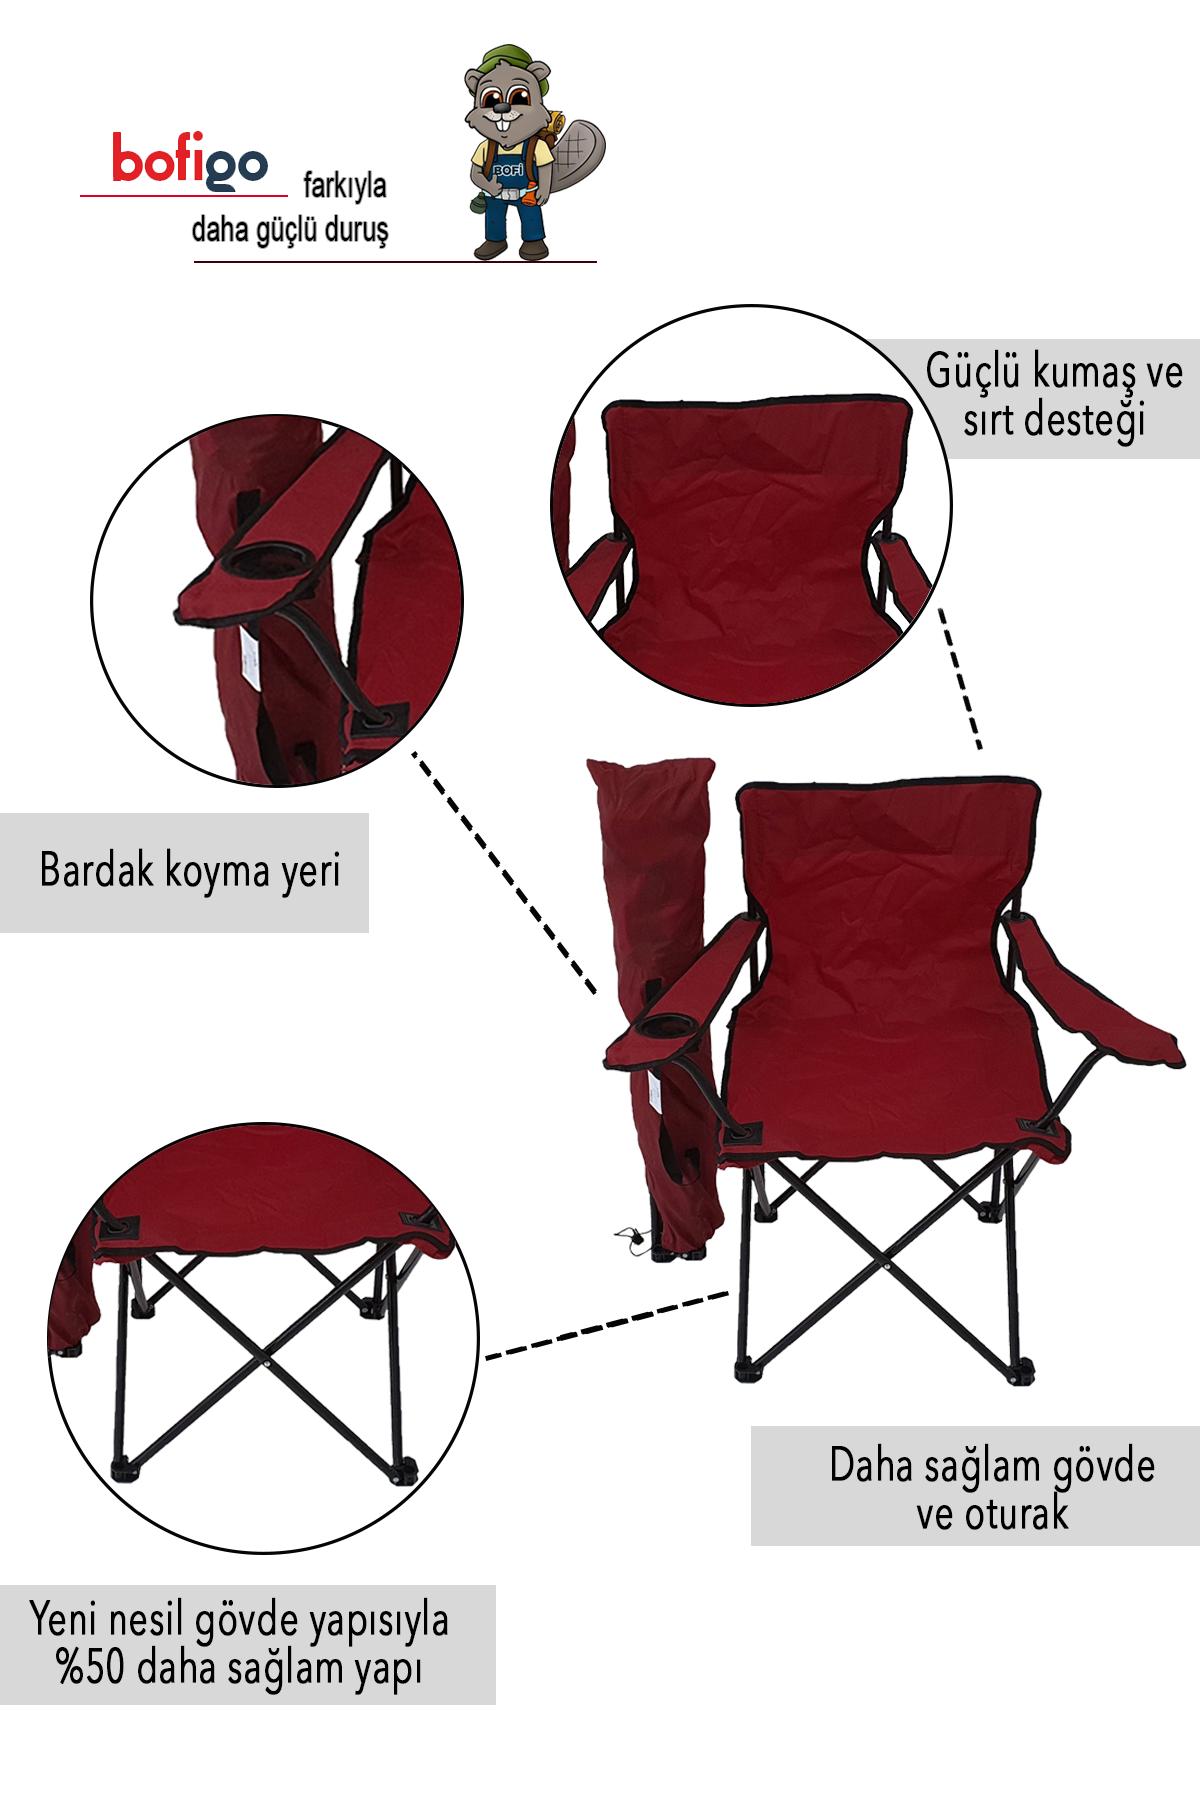 Bofigo 2'li Kamp Sandalyesi Piknik Sandalyesi Katlanır Sandalye Taşıma Çantalı Kamp Sandalyesi Kırmızı